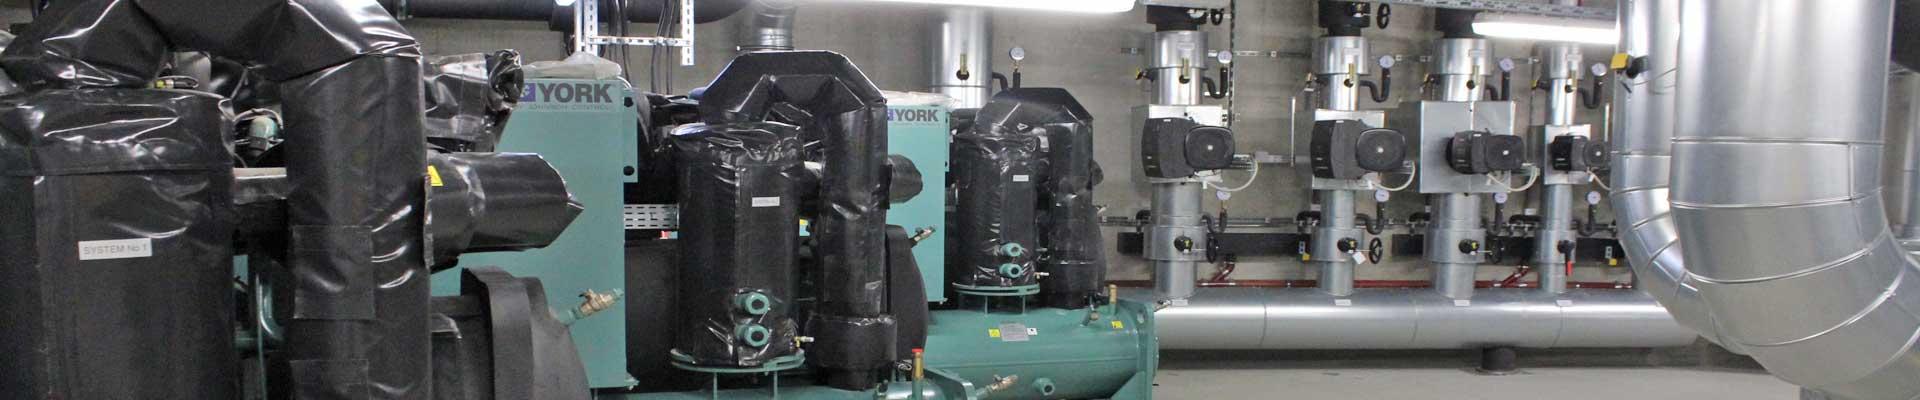 Wartung einer Heizung- und Belüftungsanlage, Facility Management